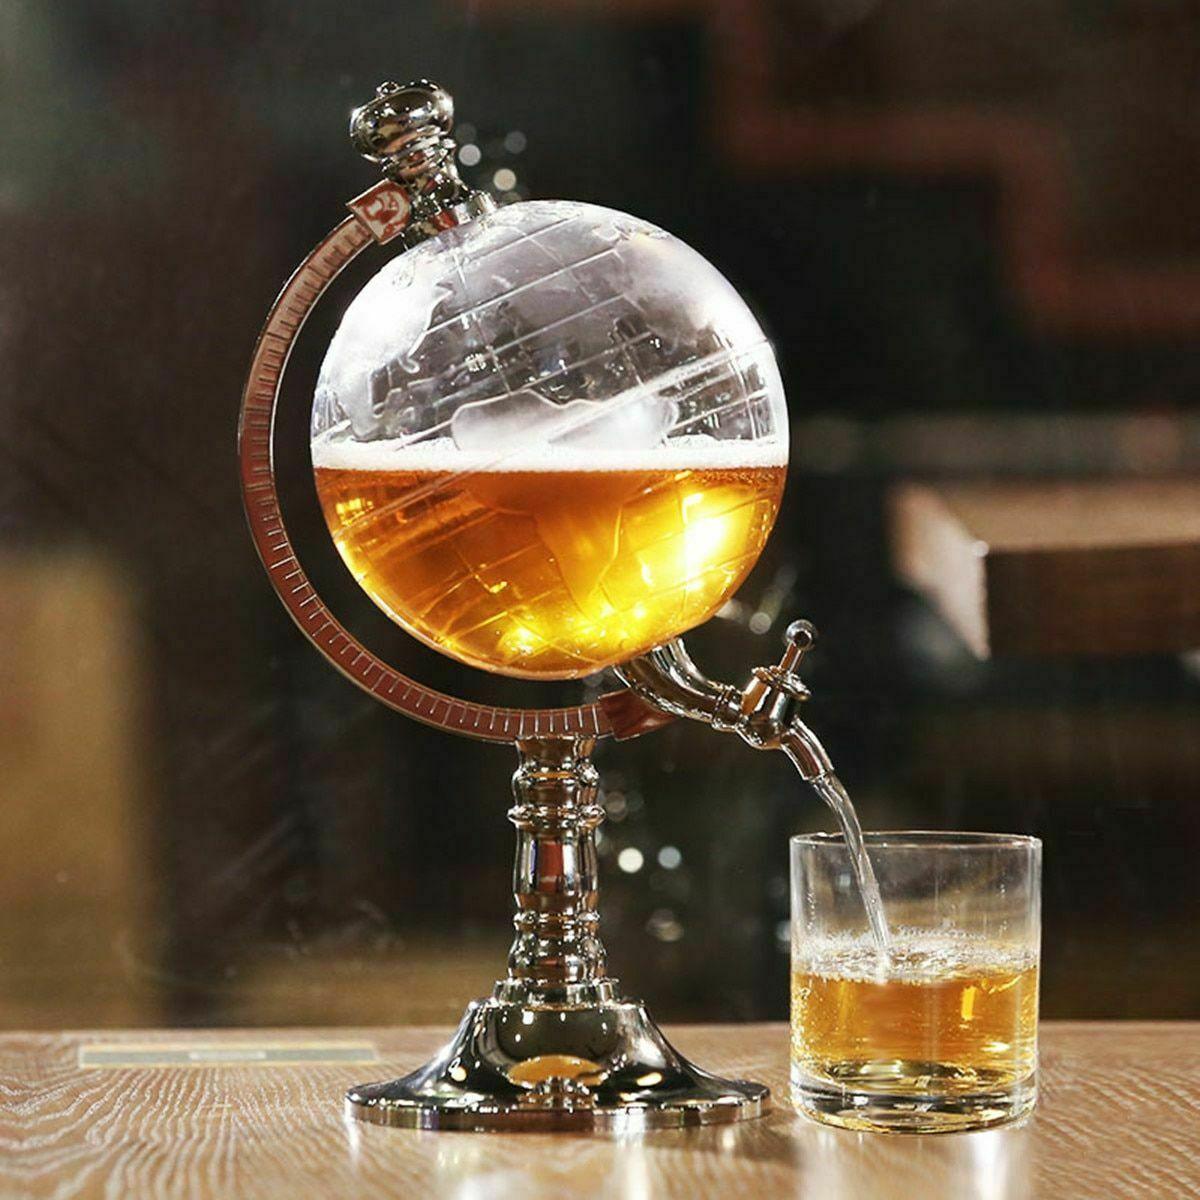 1L Globe Shaped Beverage Liquor Dispenser Drink Wine Beer Pump Decanter Tap